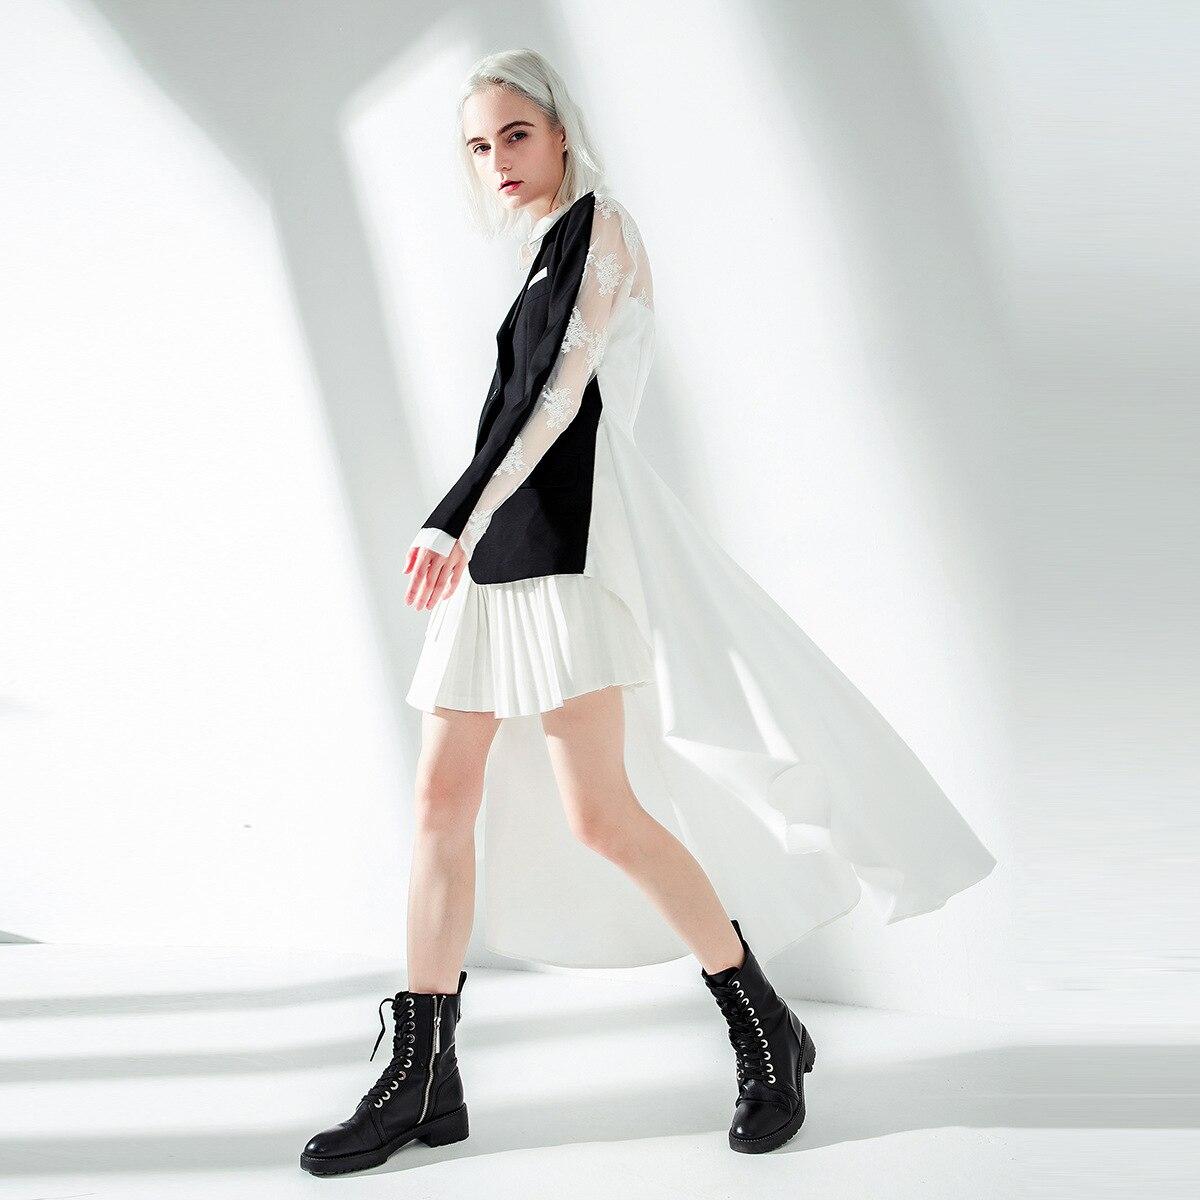 SuperAen Europa Mode Frauen Anzug Jacke Asymmetrische Frühling und Herbst Neue Jacke Weibliche 2019 Gefälschte Zwei stück Frauen Kleidung-in Basic Jacken aus Damenbekleidung bei  Gruppe 3